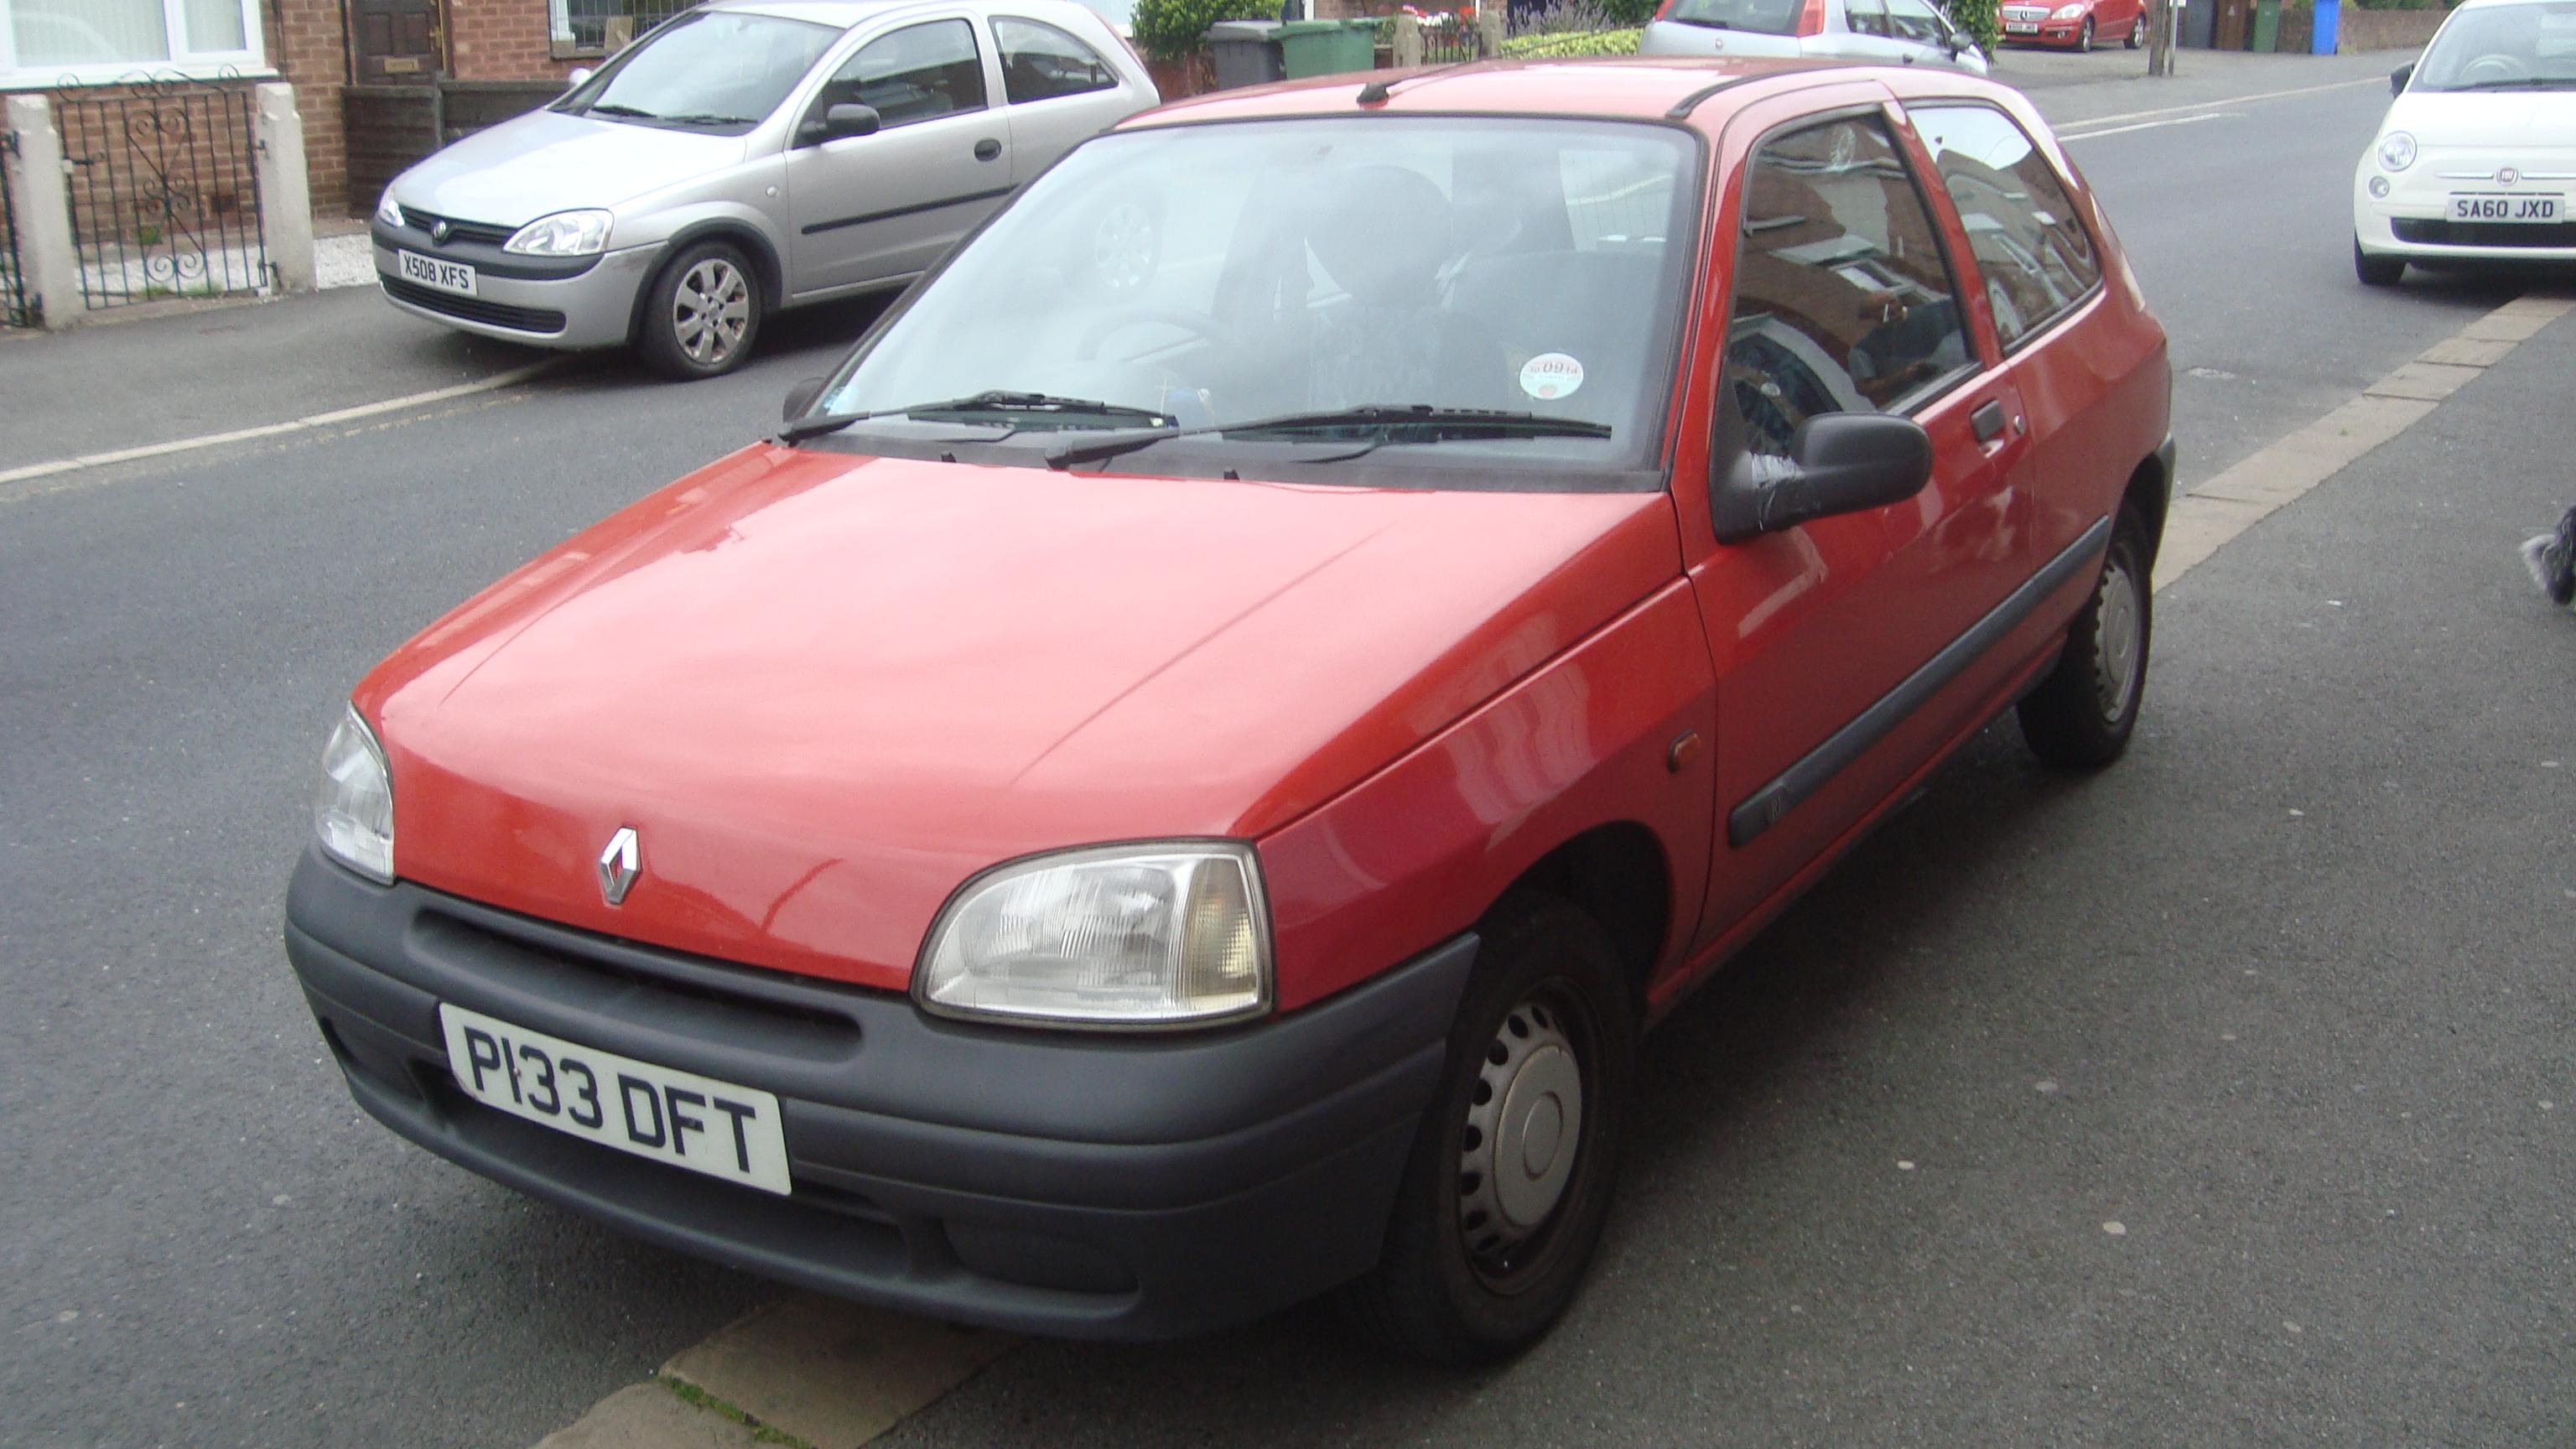 File:1997 Renault Clio 1.1 RL Paris (21904470911).jpg